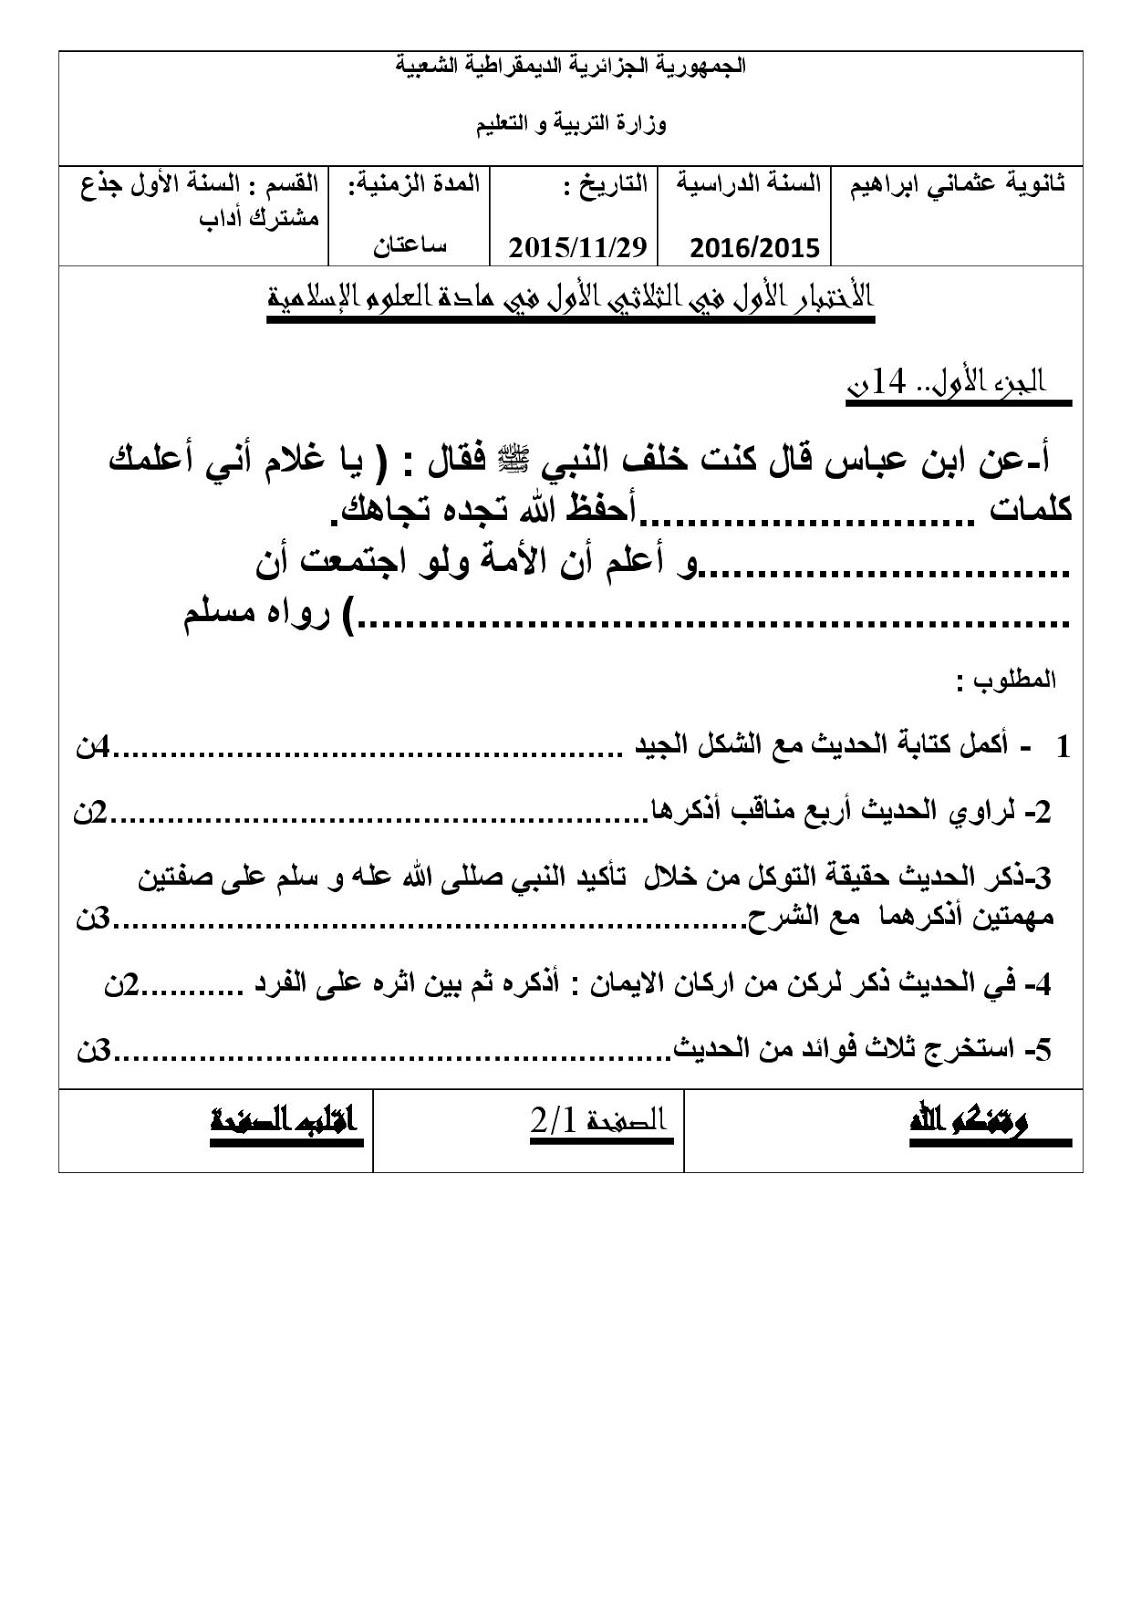 امتحان التربية الاسلامية مع التصحيح وسلم التنقيط للفصل الأول السنة الأولى ثانوي آداب